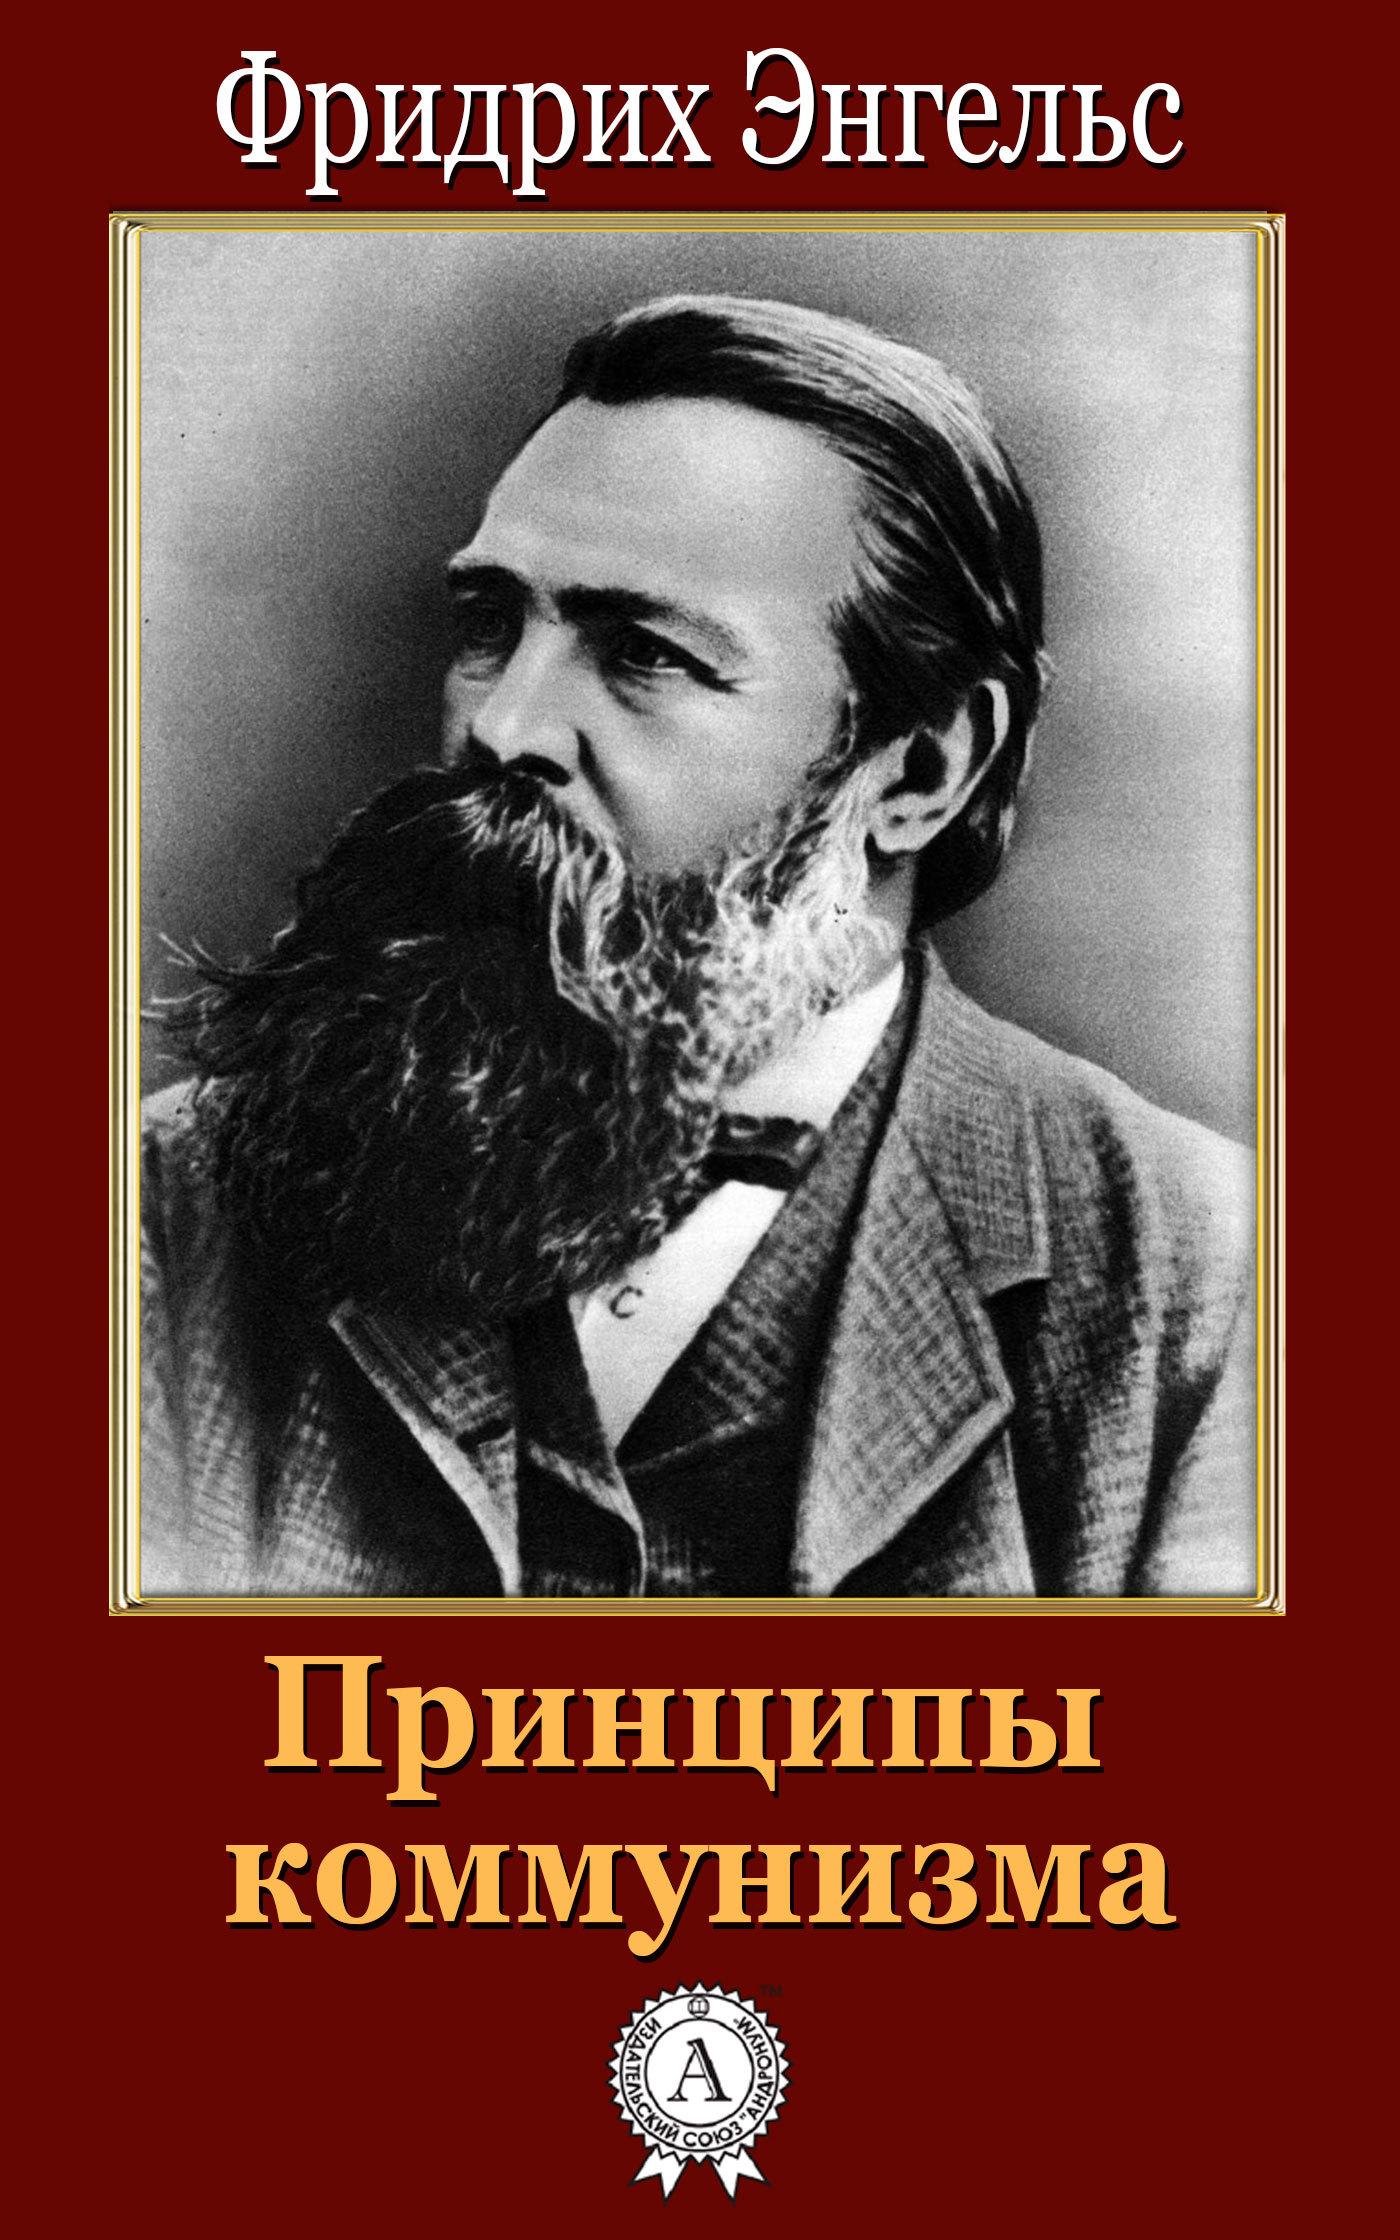 Фридрих Энгельс - Принципы коммунизма